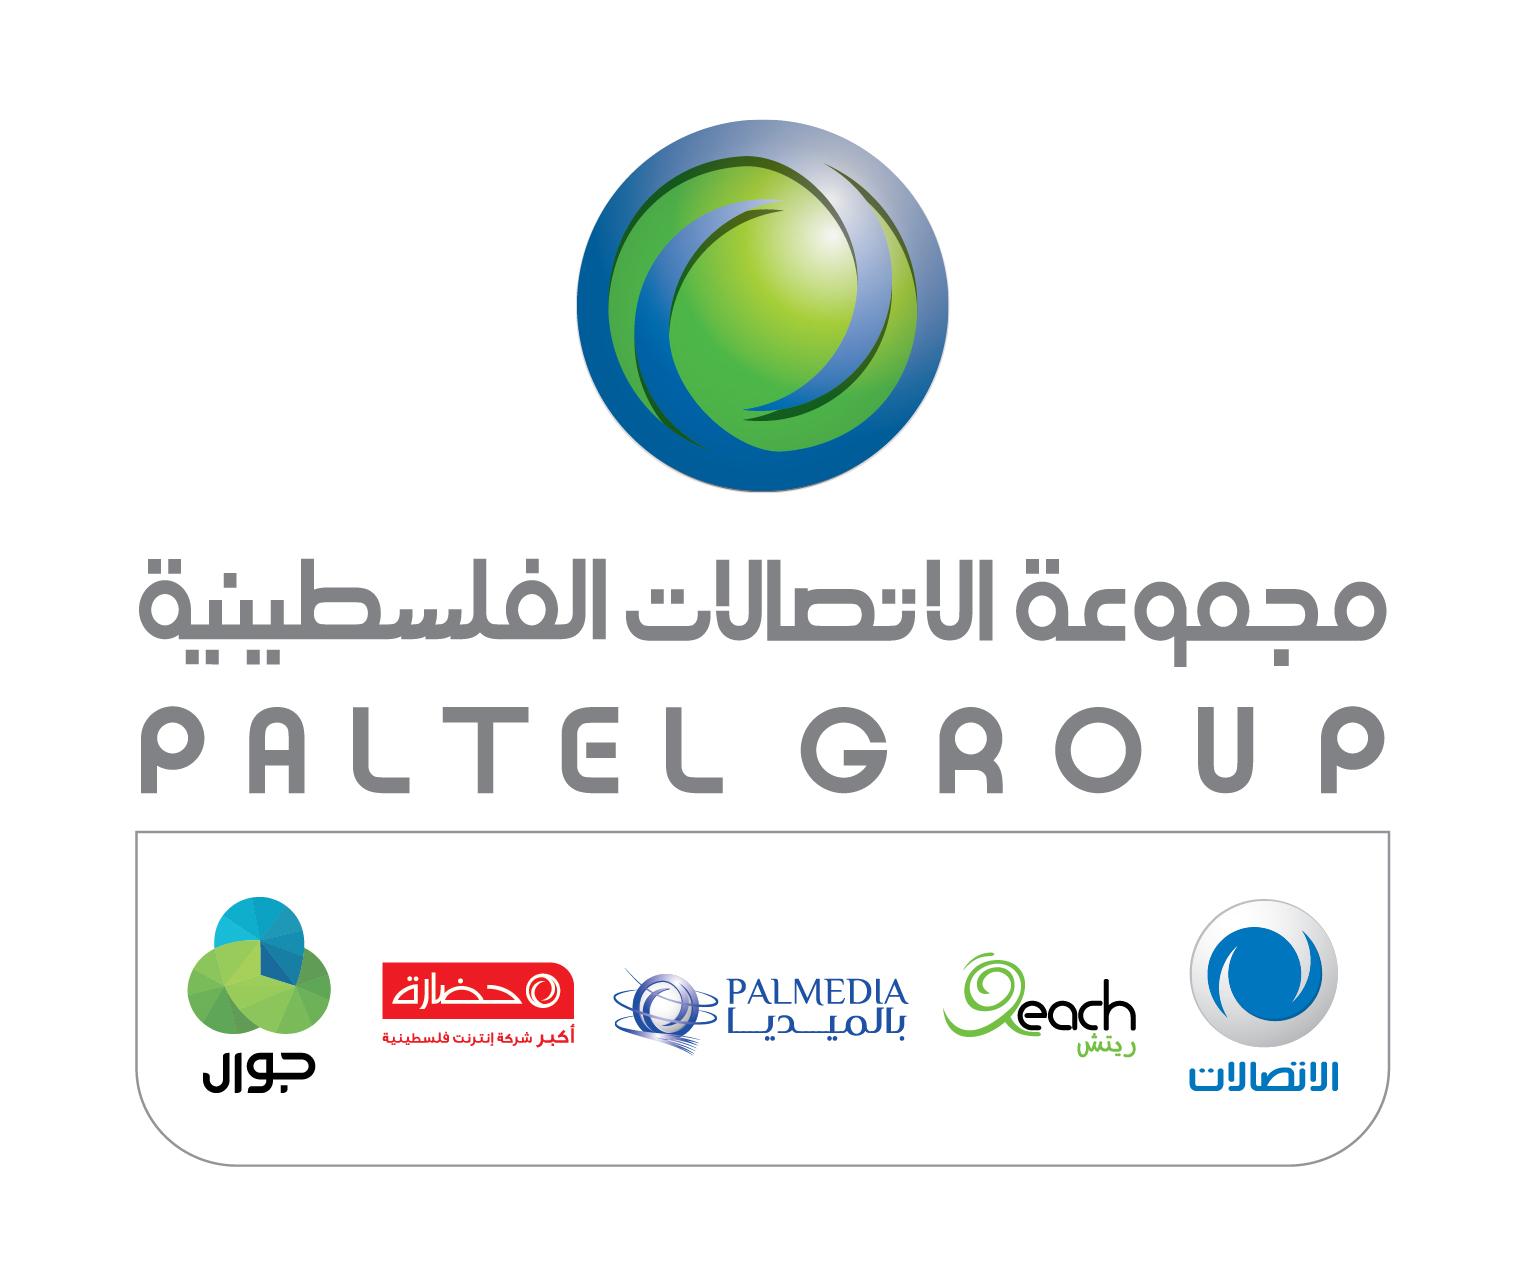 مجموعة الاتصالات الفلسطينية ترعى اسبوع الريادة العالمي لعام 2017